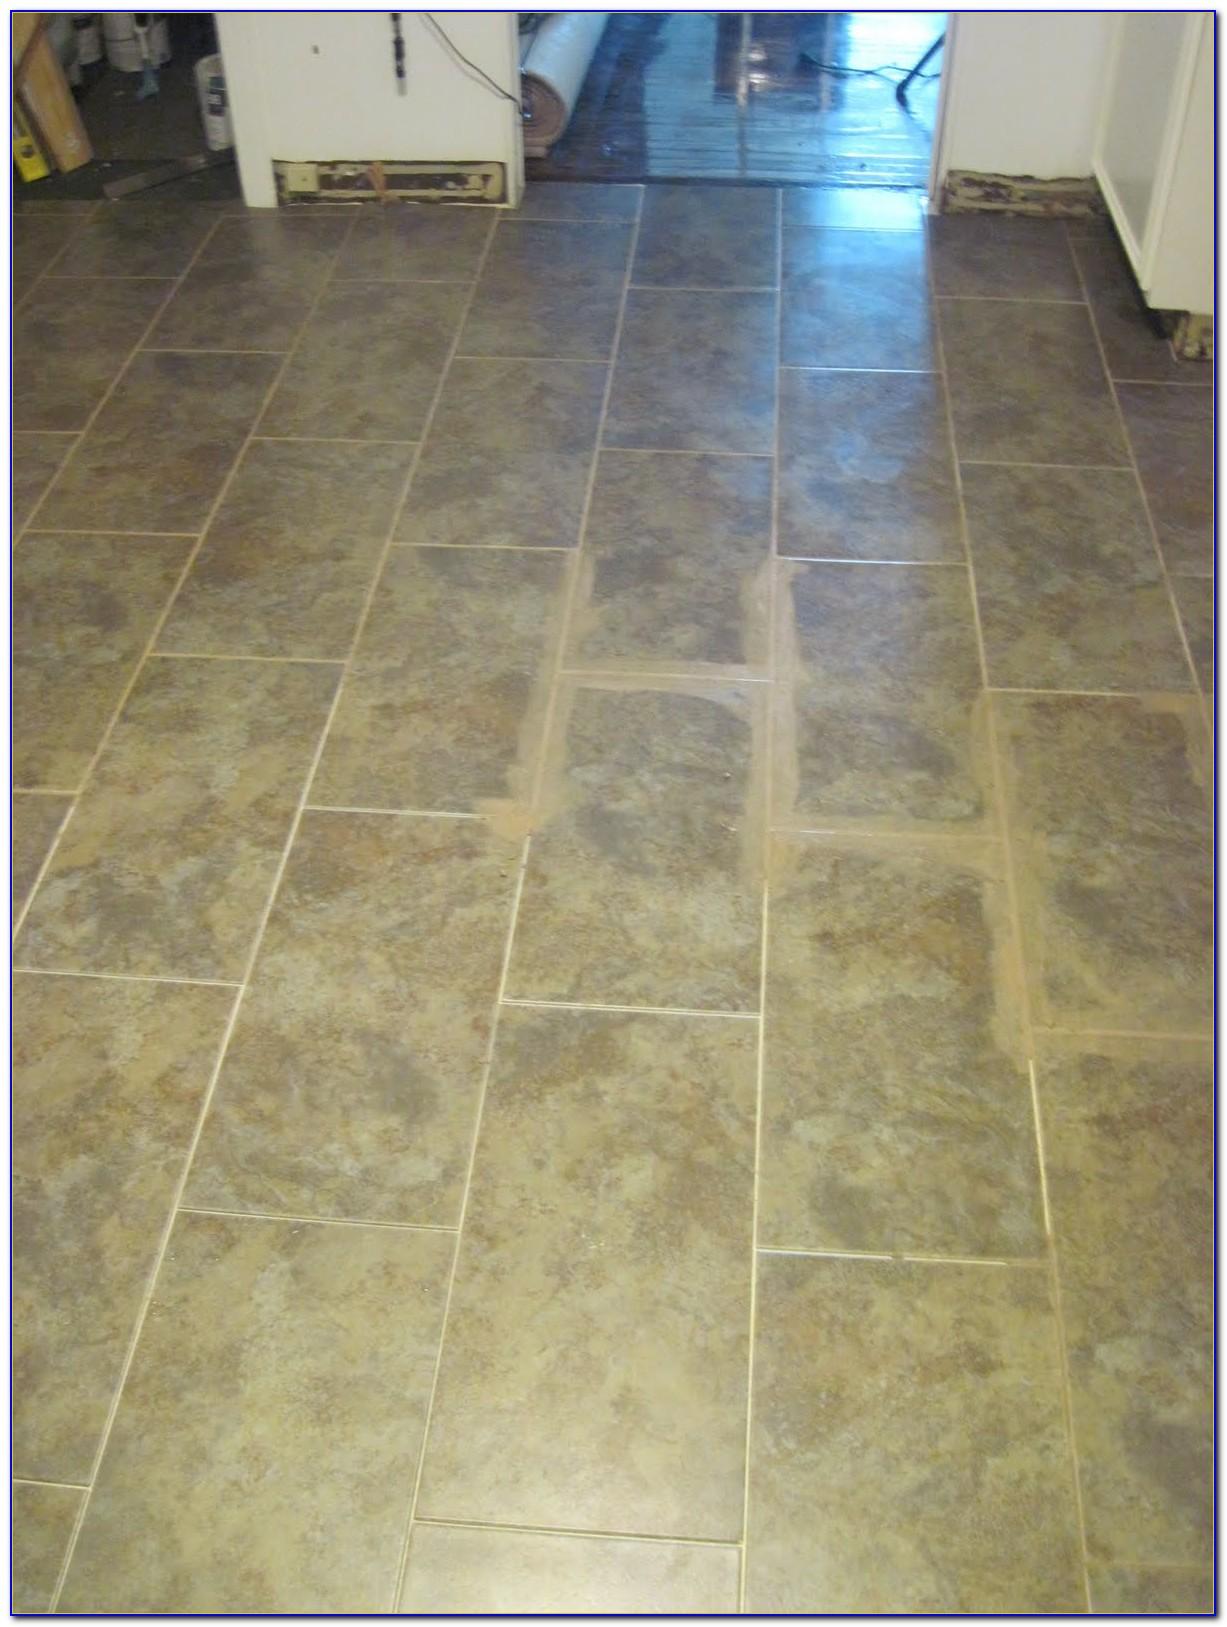 Grout Vinyl Floor Tile